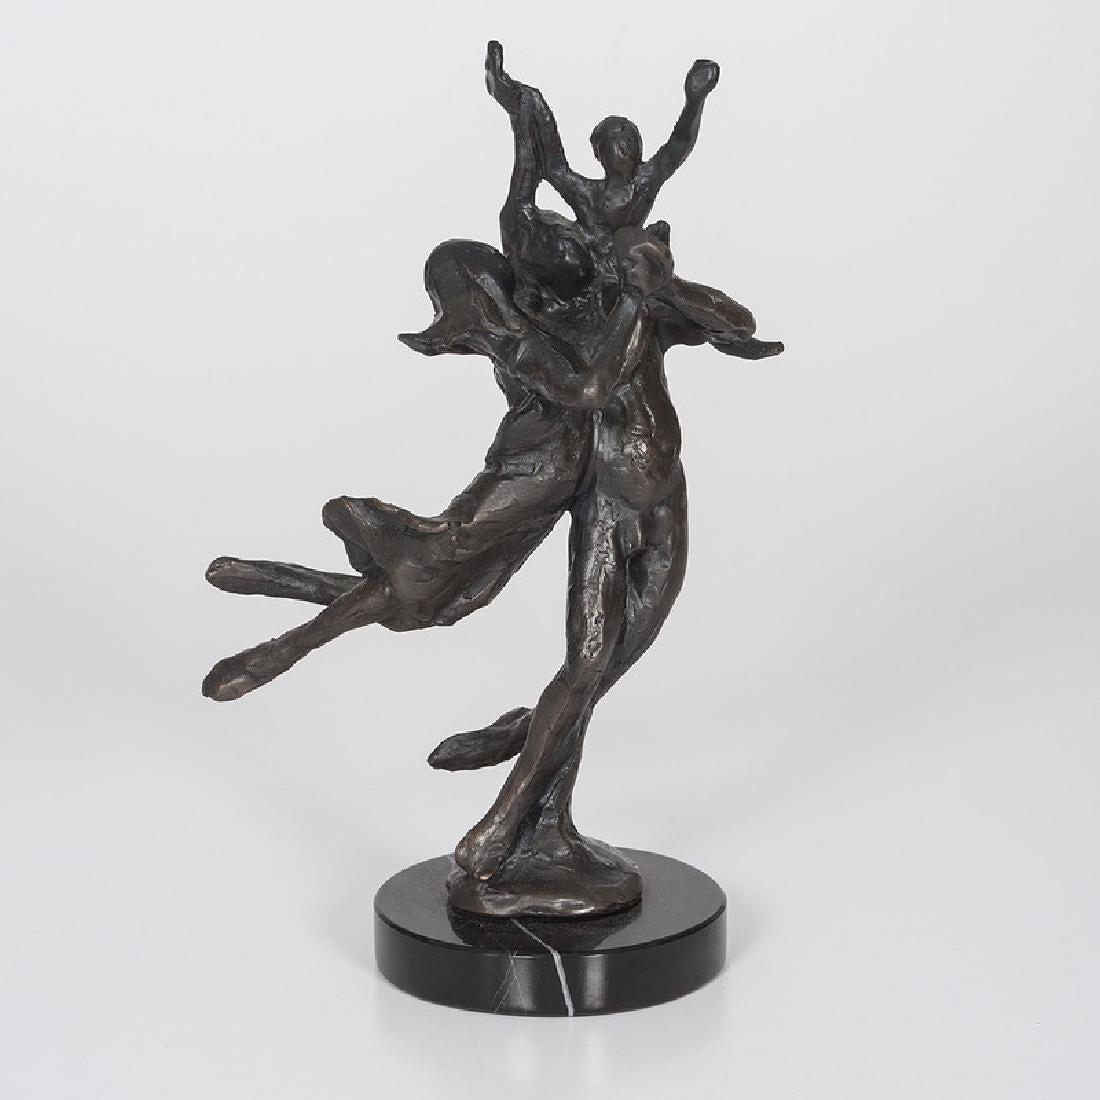 Bronze Modern Sculpture, The Family, Dancing, French German Artist Gerard Koch